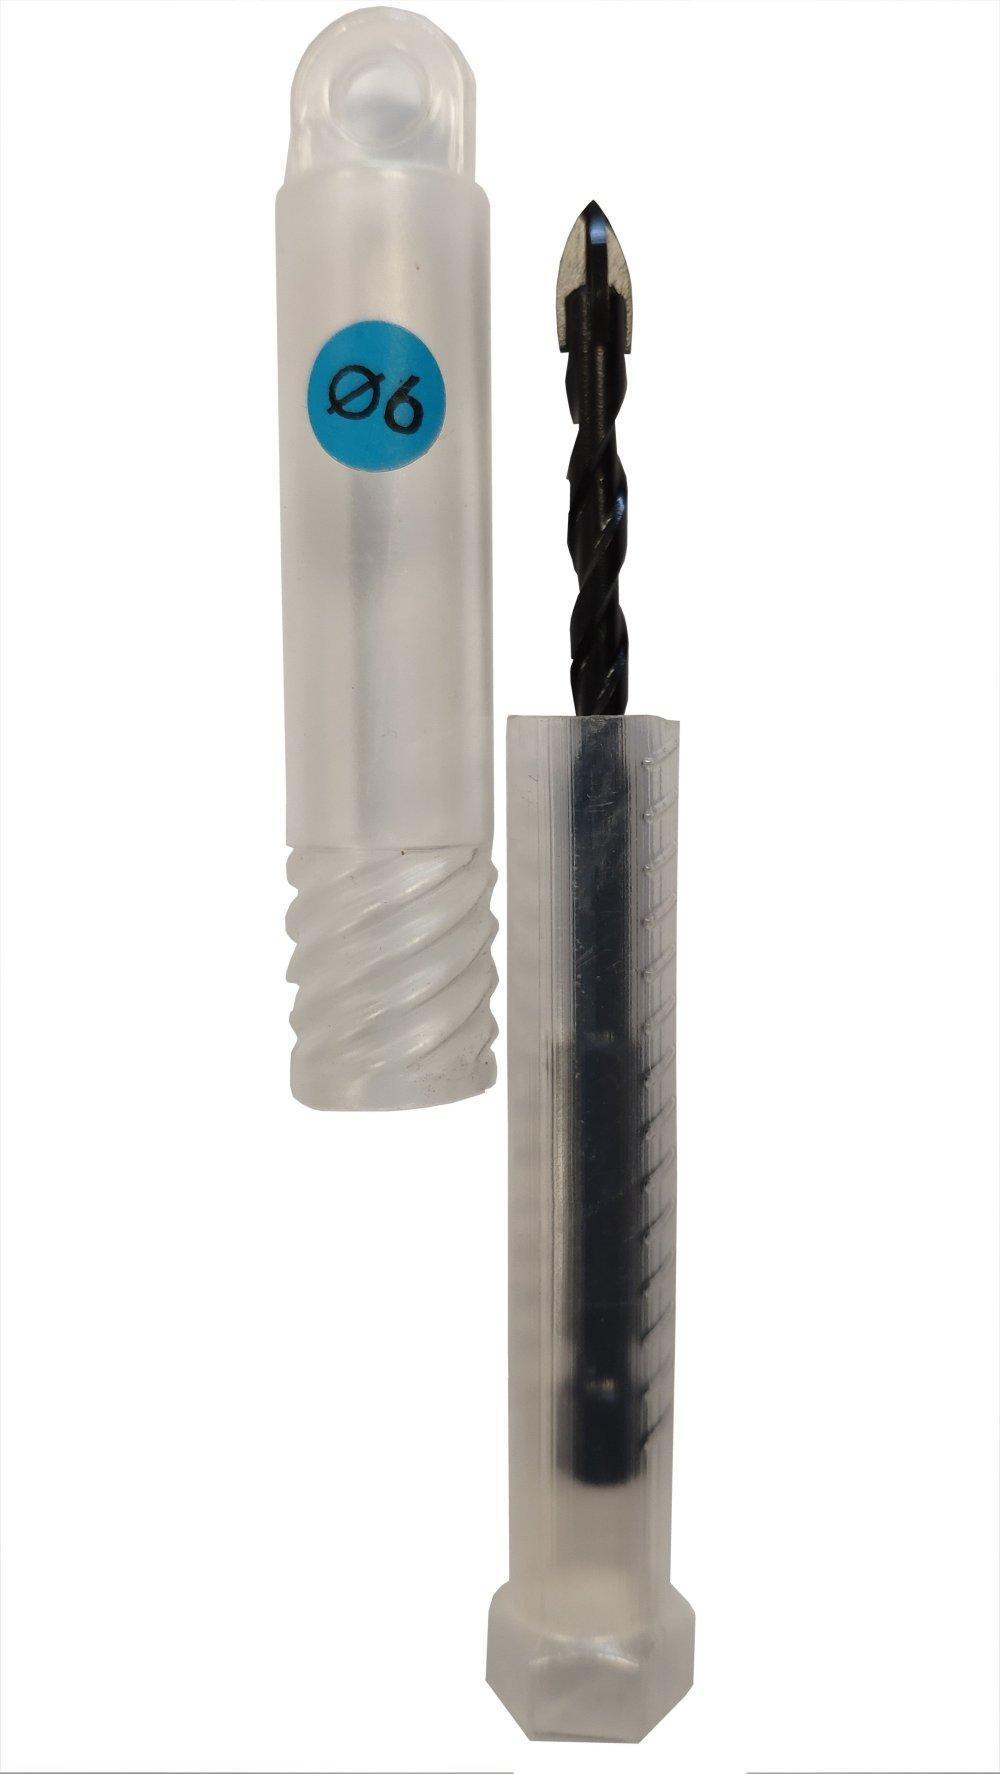 6mm Diamantbohrer, Fliesenbohrer, Steinbohrer, Glasbohrer